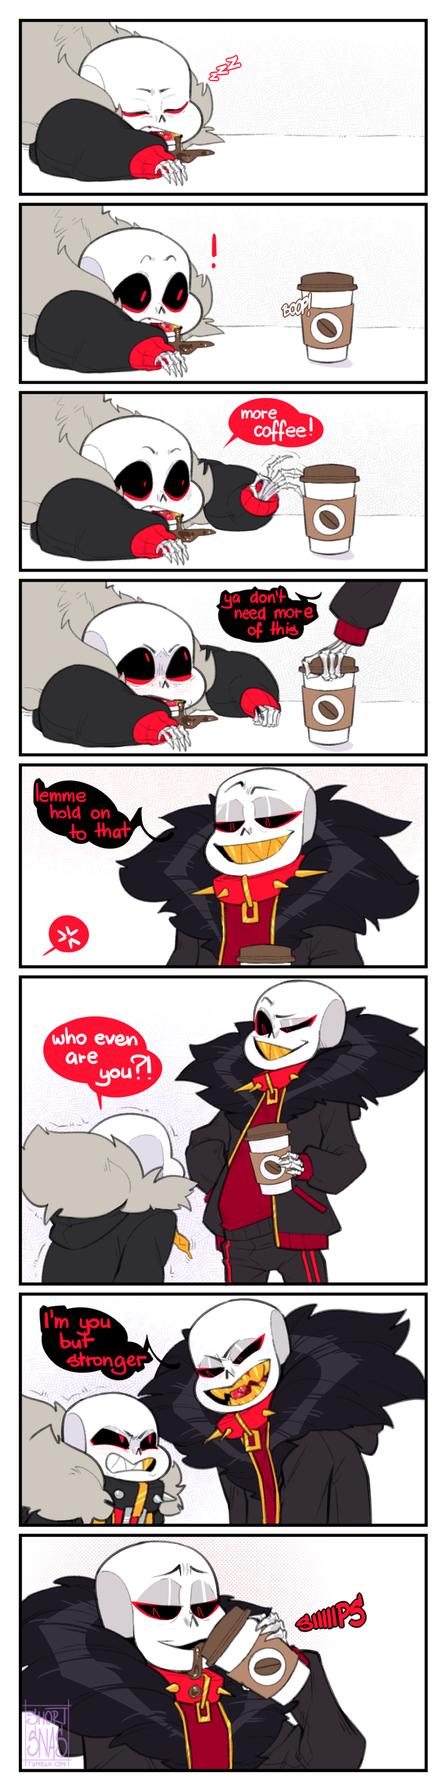 Coffee response by Ksuriuri